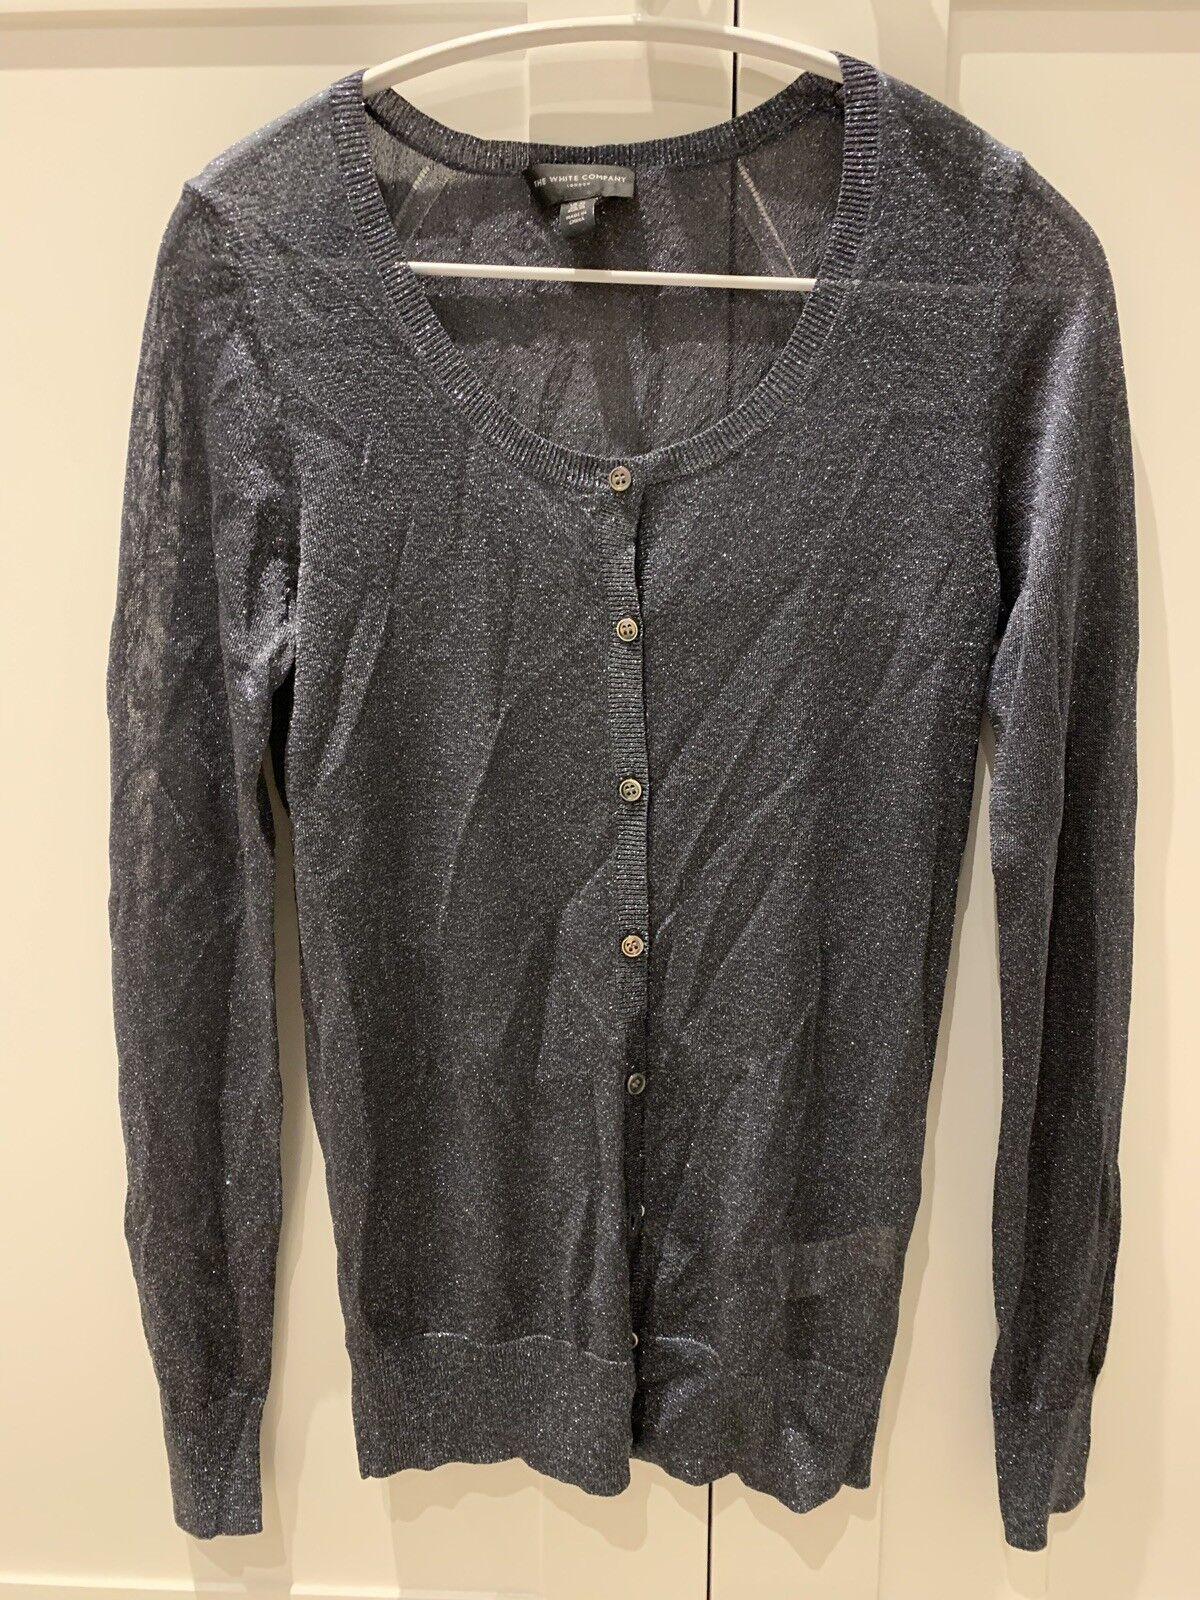 WHITE COMPANY Sparkly Grey Lurex Cardigan, Size XS  BNWOT